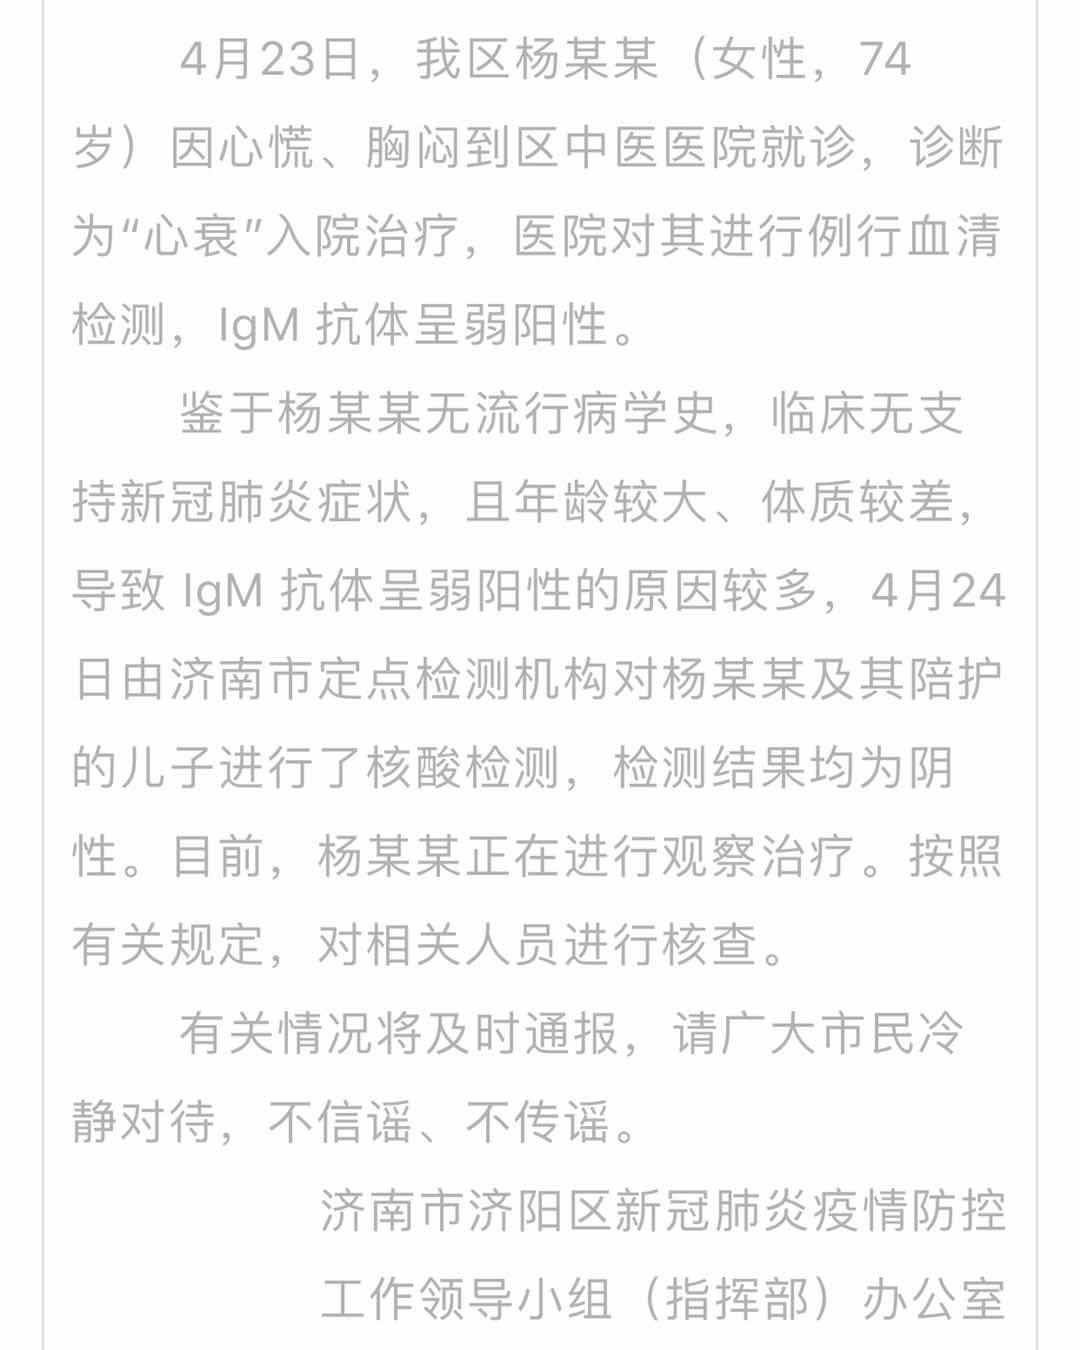 山东济南一74岁女性IgM抗体呈弱阳性 官方发布最新通告图片